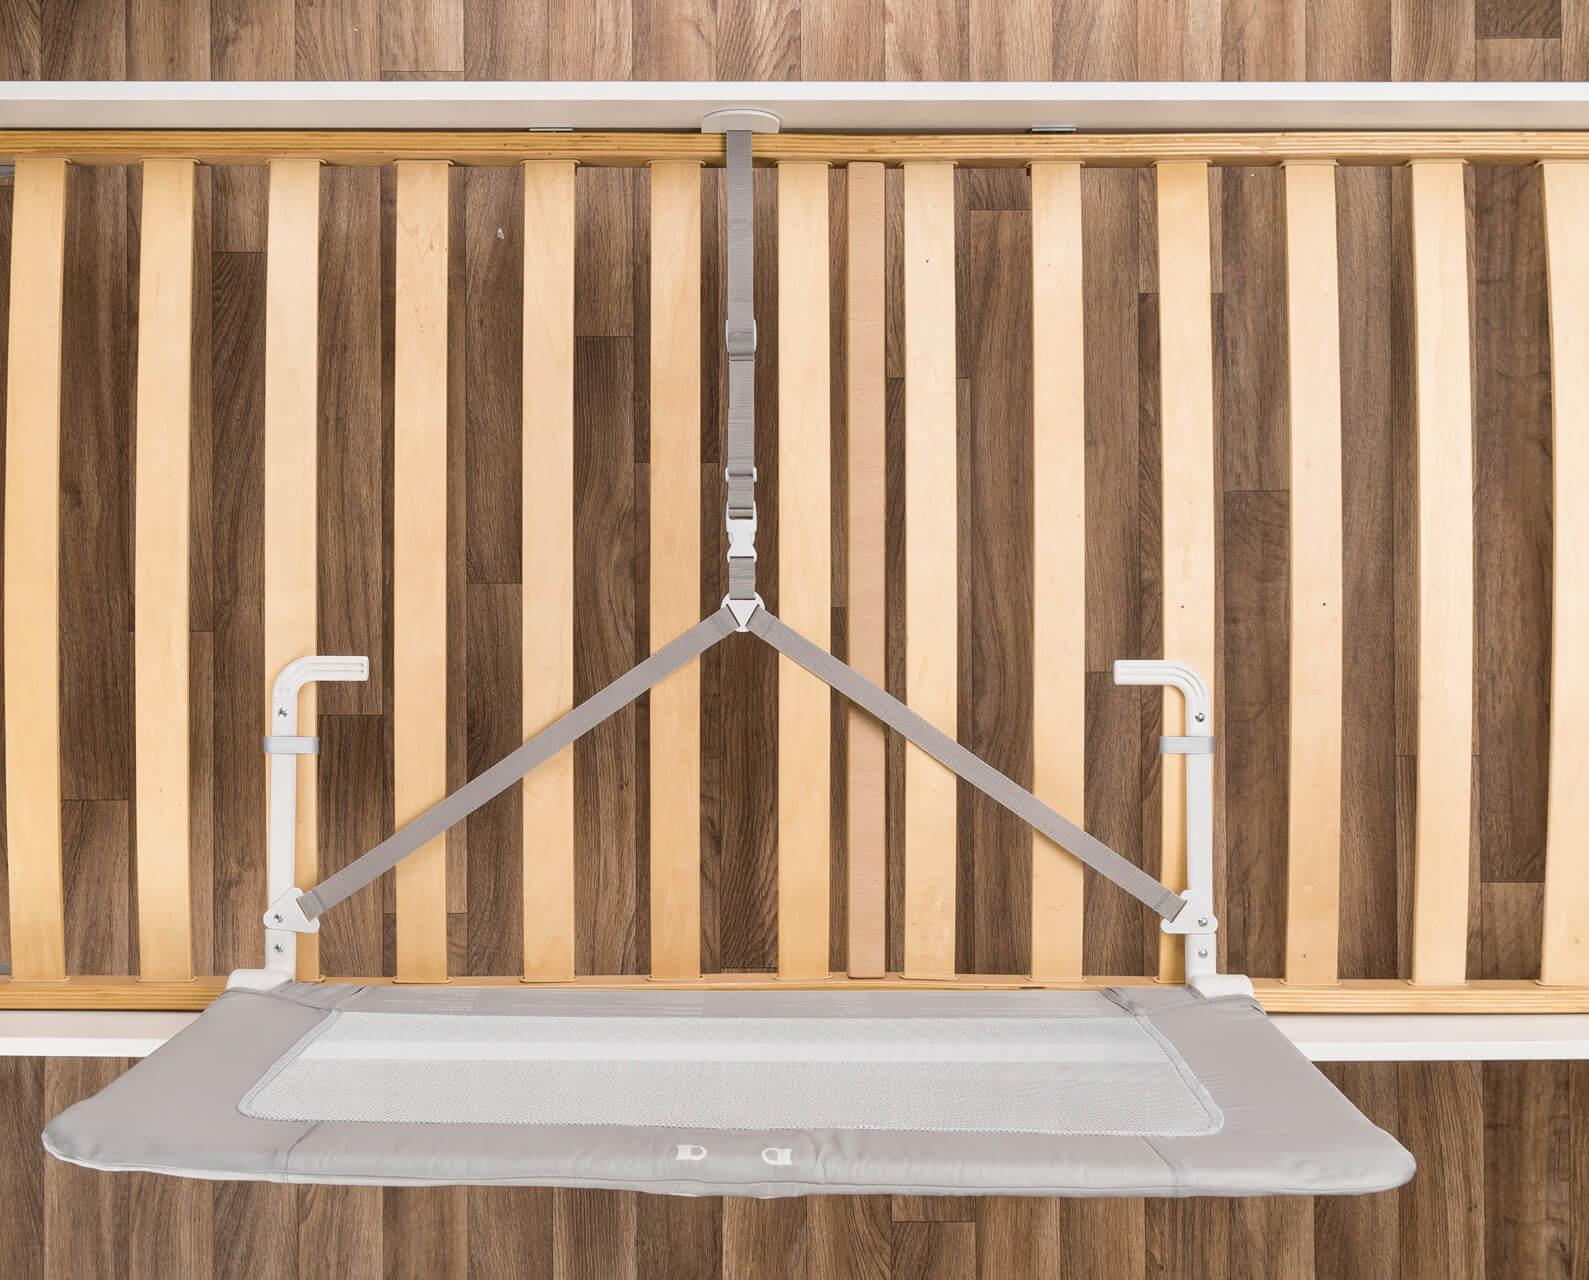 Reer Barierka Do łóżka Bymyside 150cm H50cm